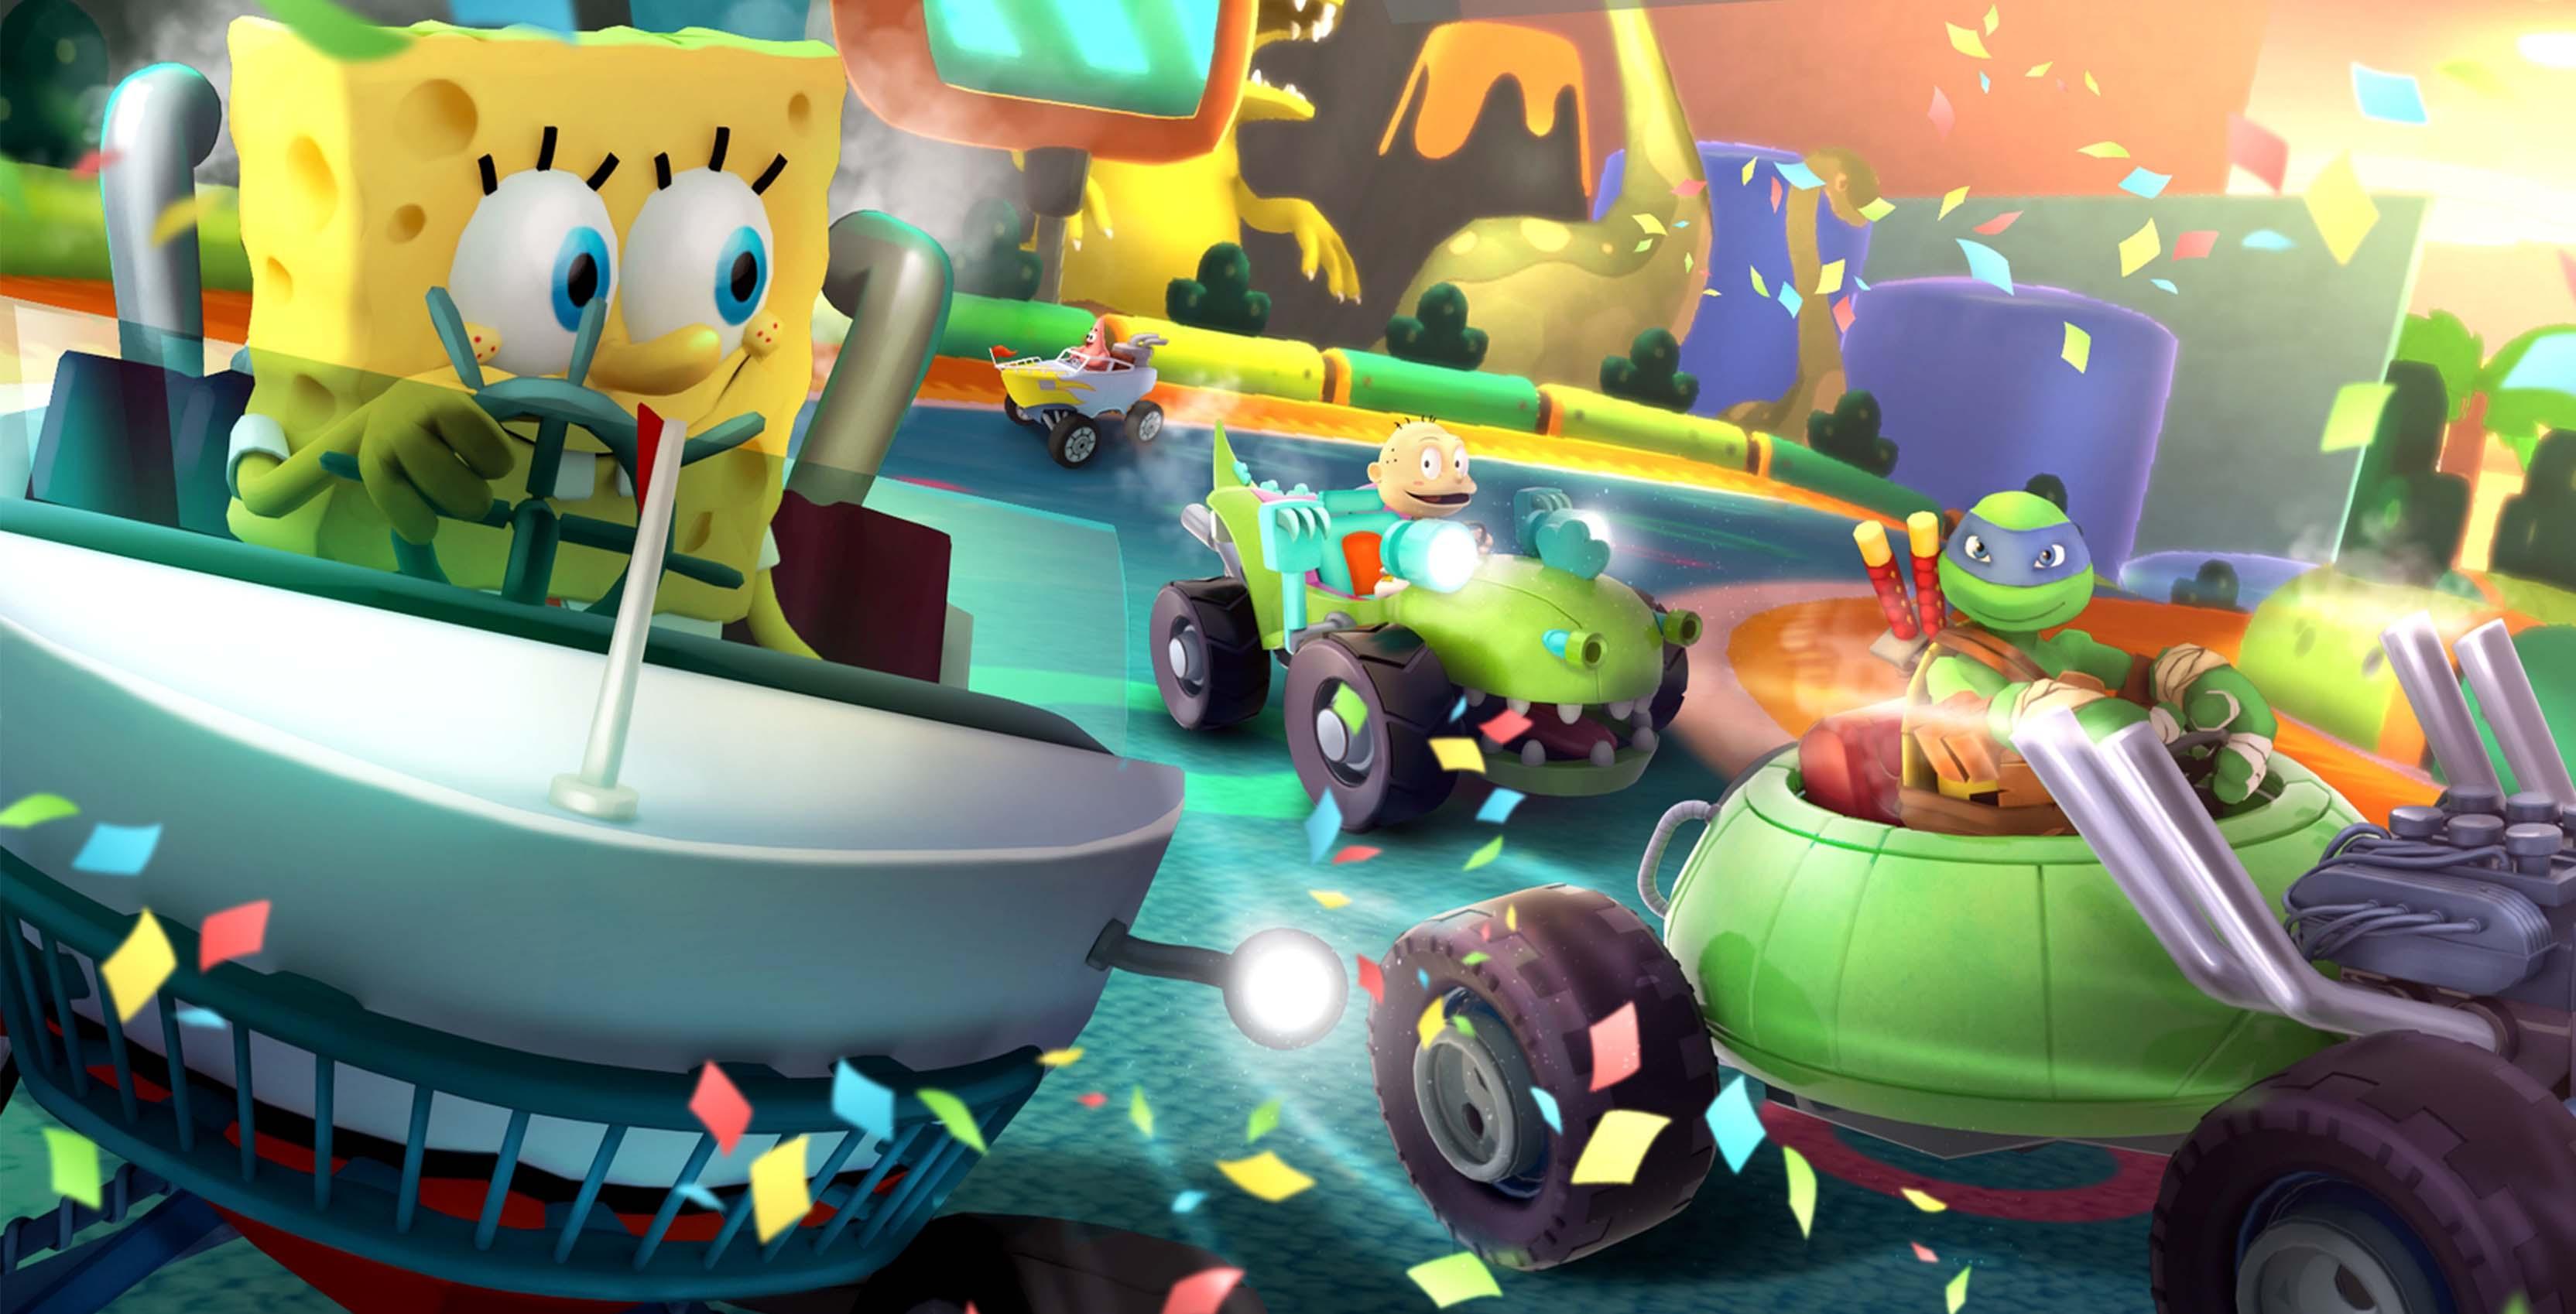 'Nickelodeon Kart Racers'